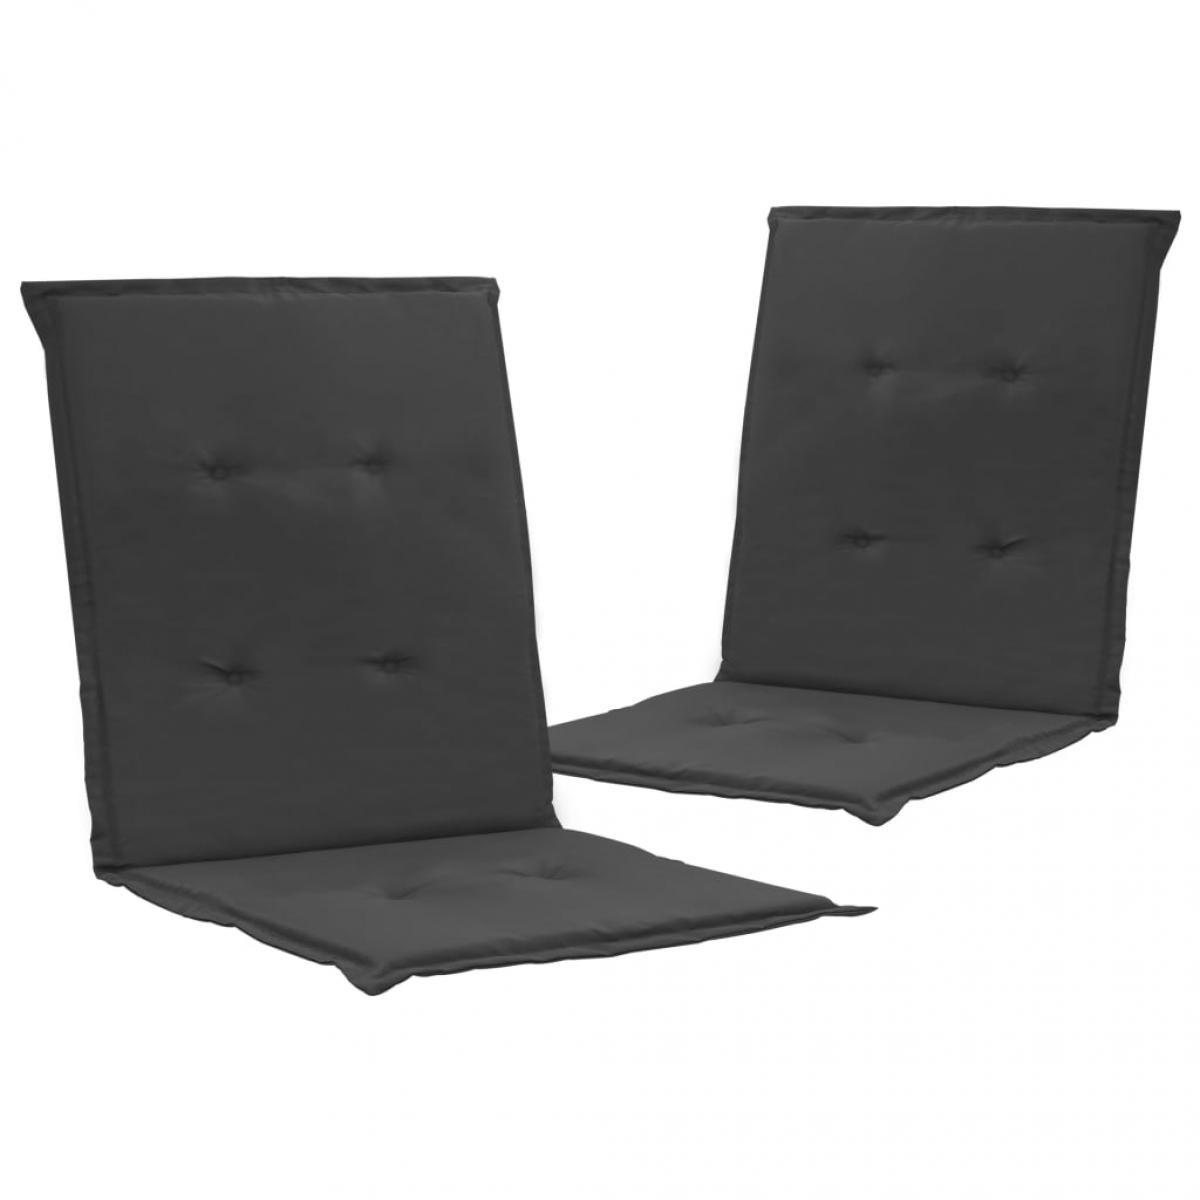 Vidaxl vidaXL Coussins de chaise de jardin 2 pcs Anthracite 100x50x3 cm